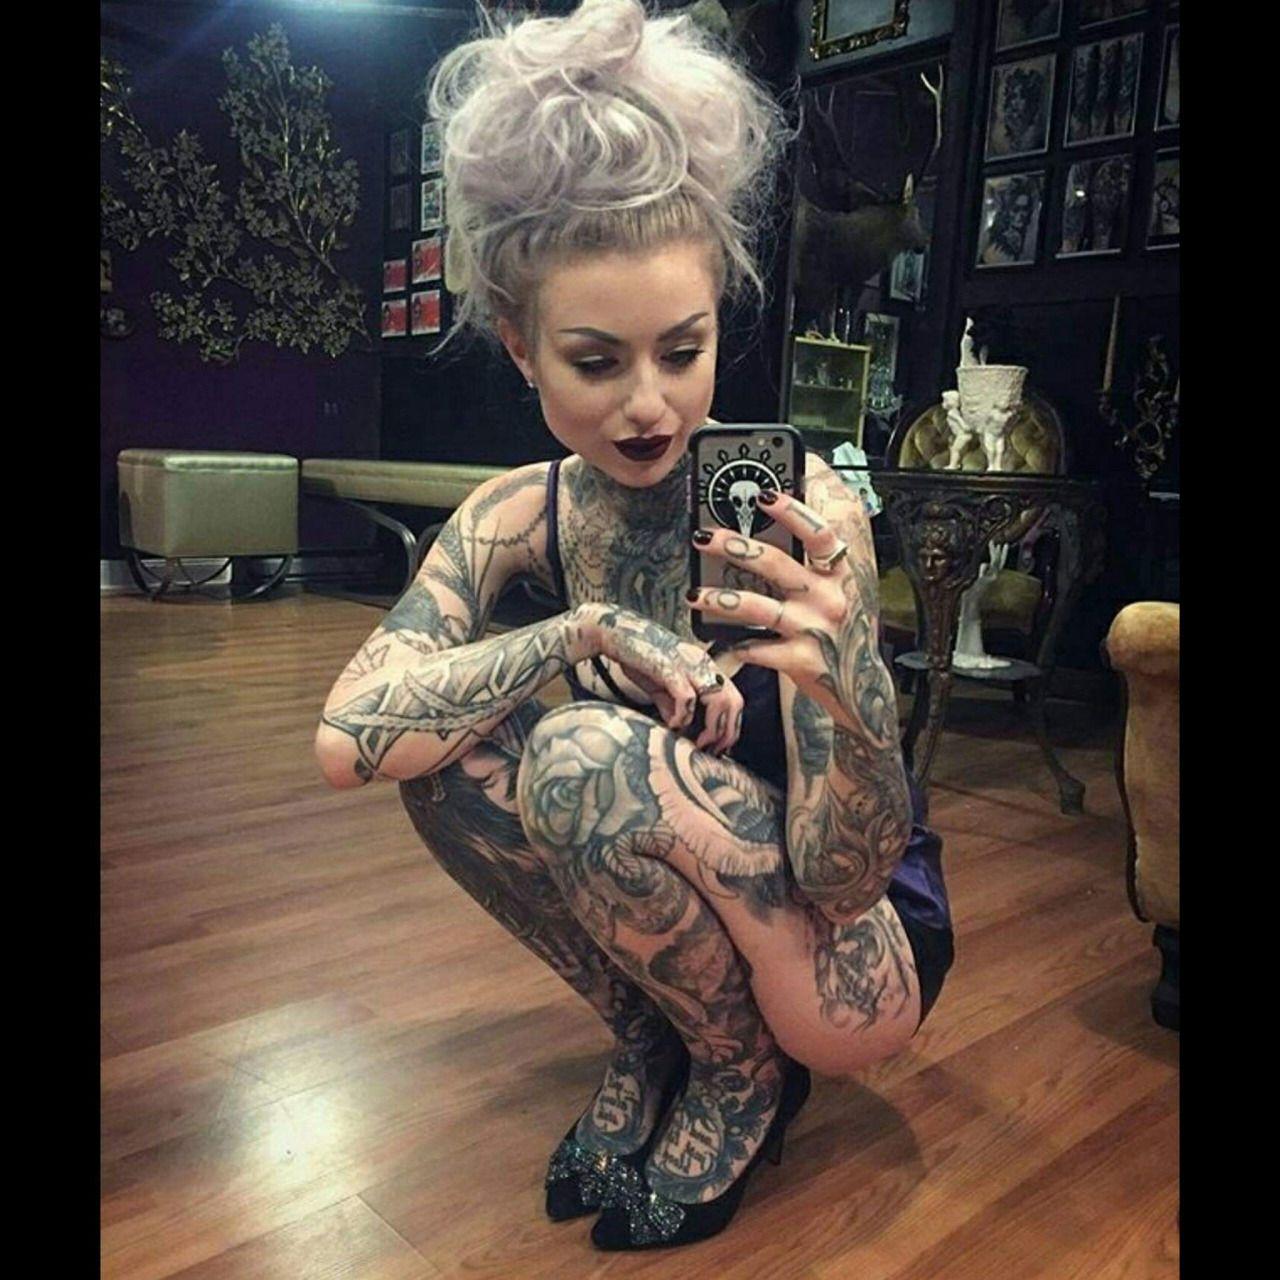 Pin by David Woodworth on Tattoos Female tattoo artists